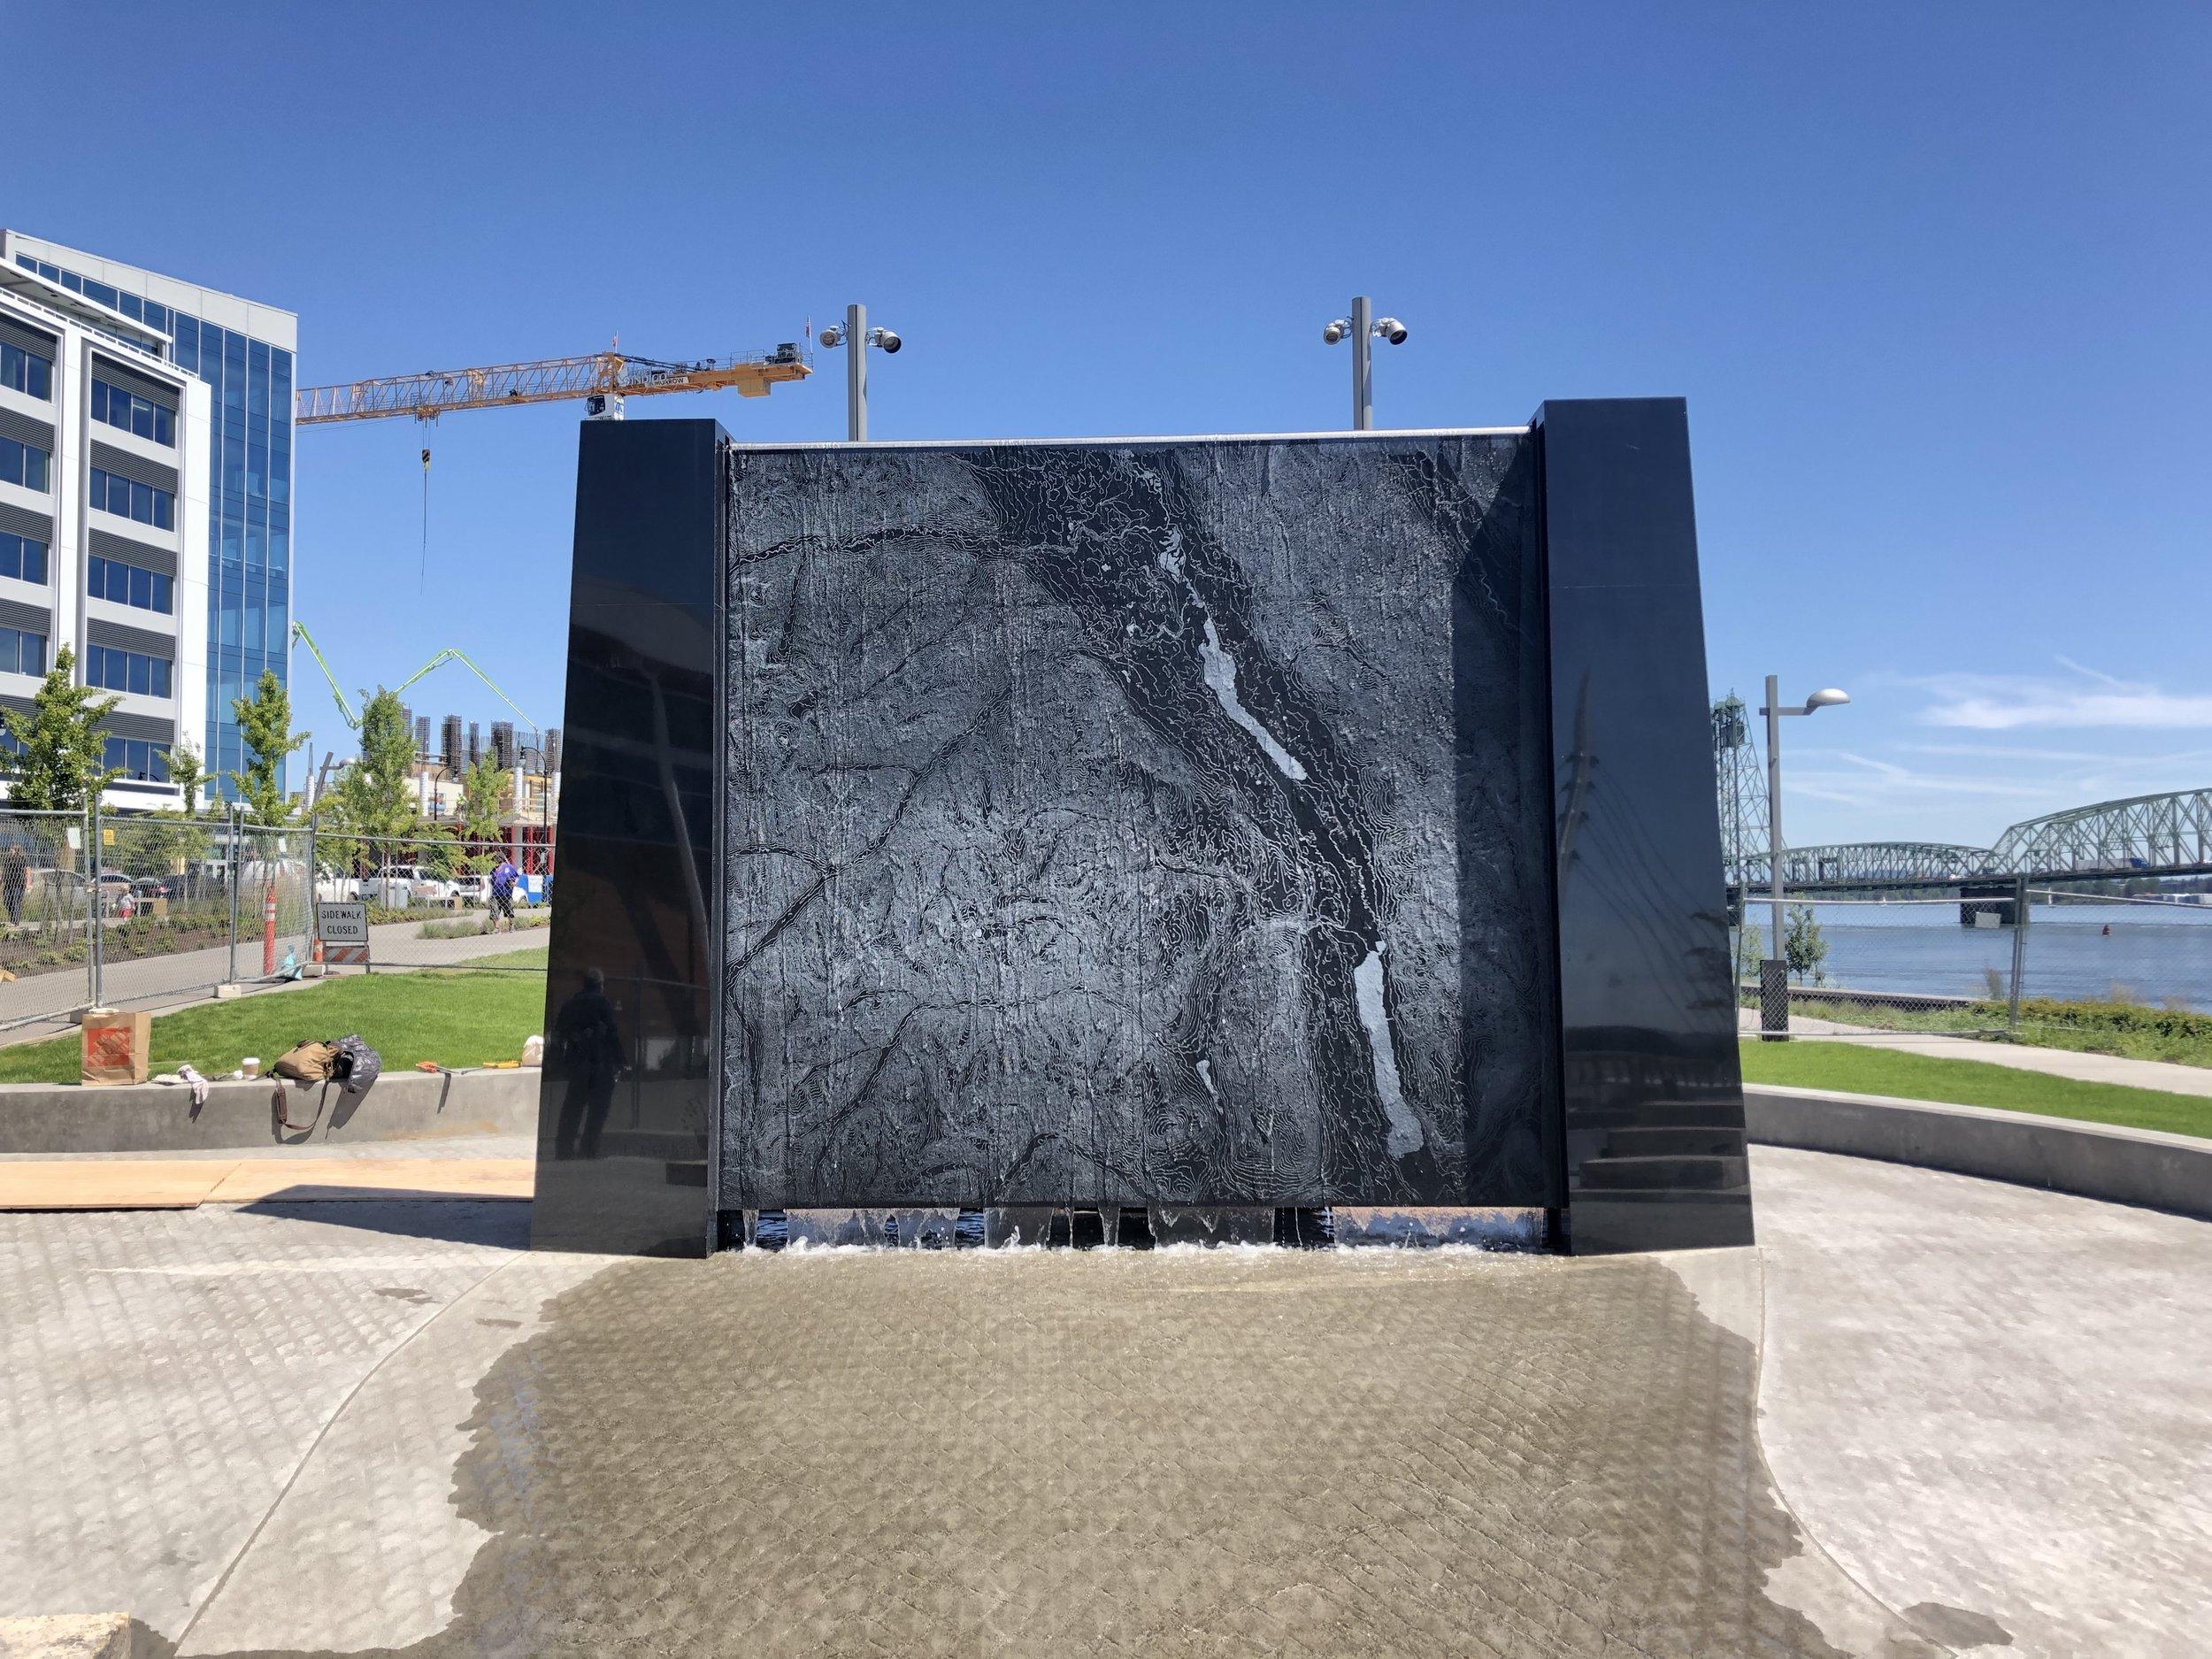 vancouver_waterfront park fountain_larry kirkland_public art services_j grant projects_16.jpg